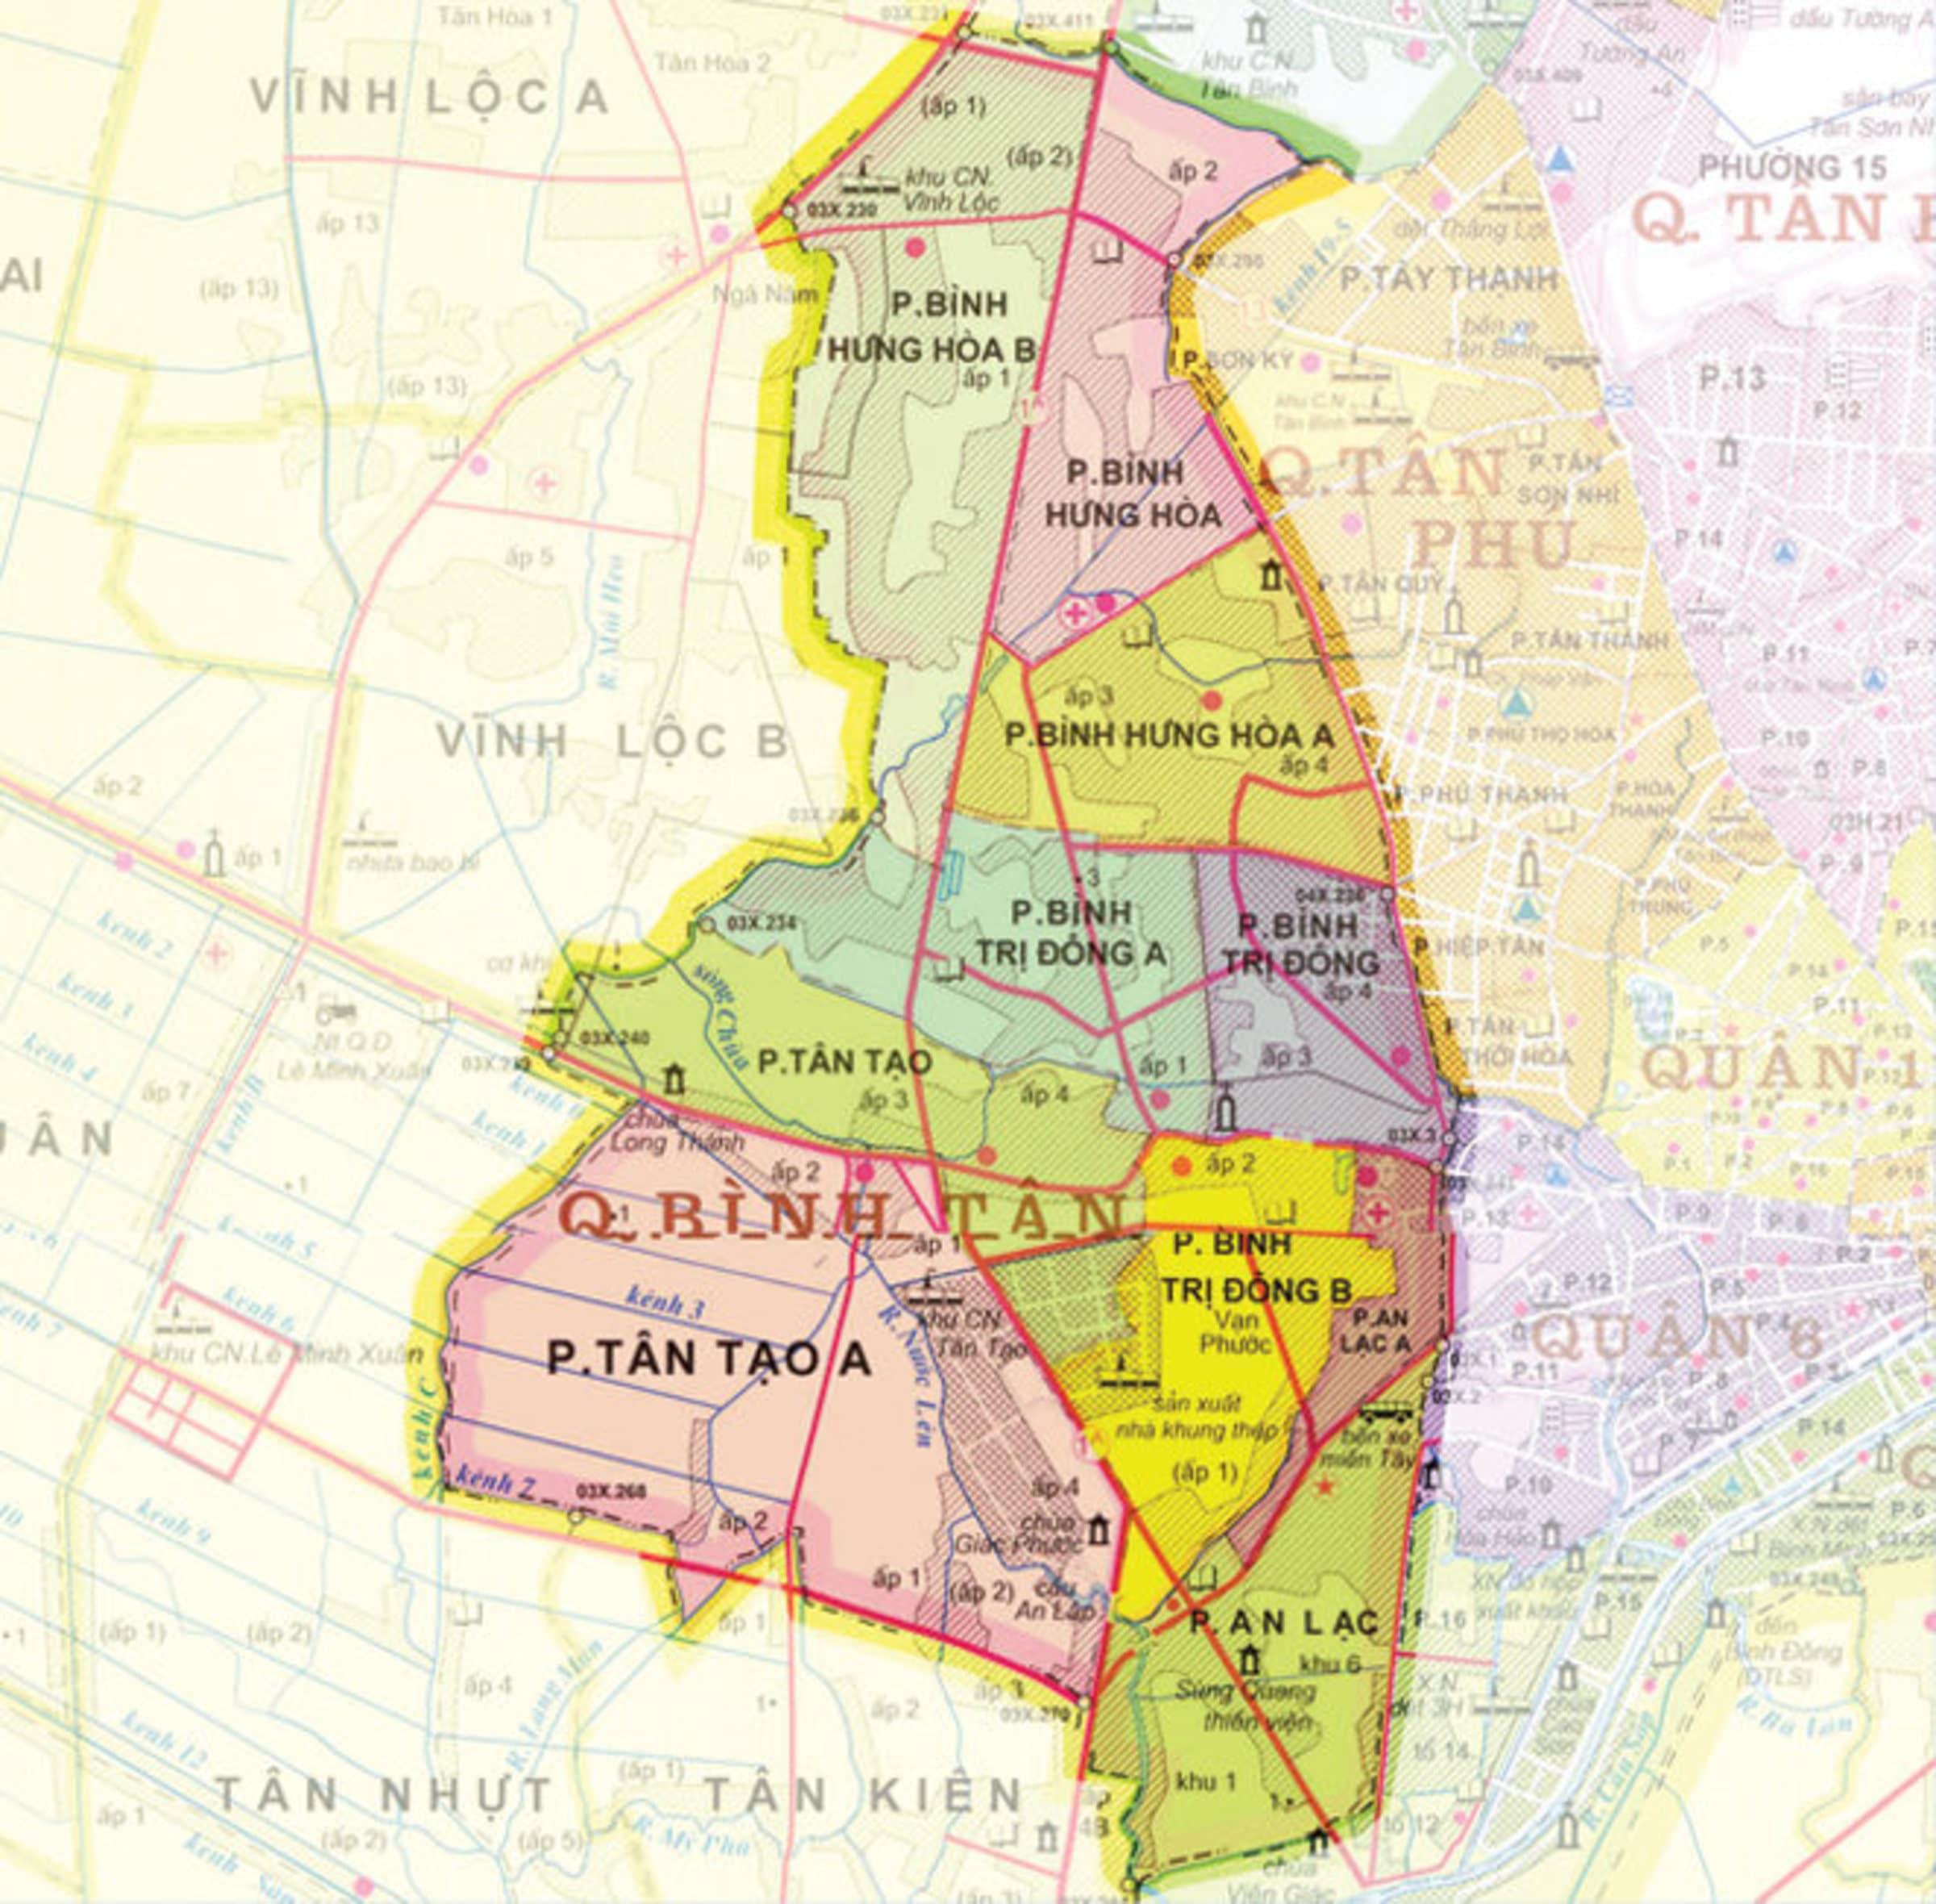 ban do quan binh tan tphcm - BẢN ĐỒ HÀNH CHÍNH QUẬN BÌNH TÂN TPHCM & THÔNG TIN QUY HOẠCH MỚI NHẤT 2020